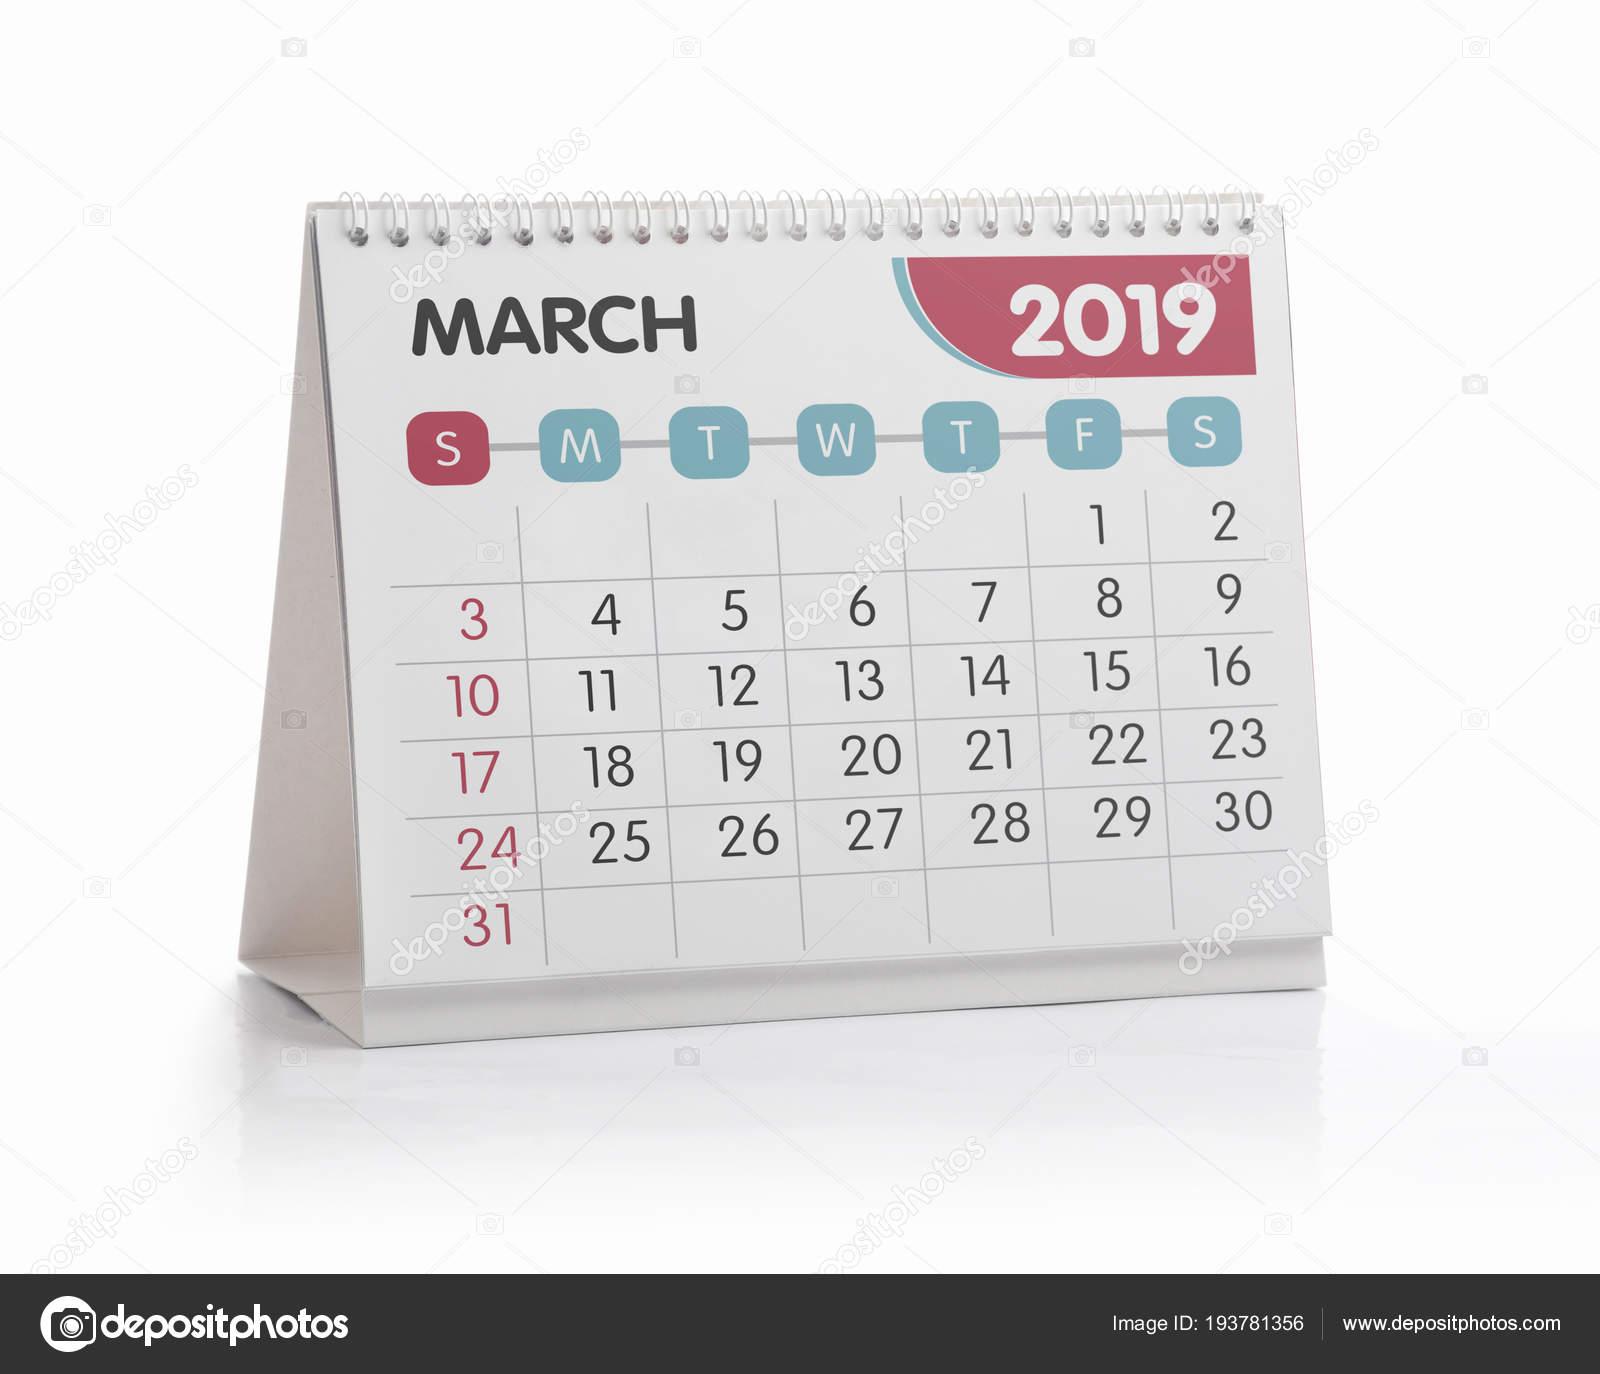 office naptár sablon 2019 Office 2019 Március Calendar — Stock Fotó © MidoSemsem #193781356 office naptár sablon 2019